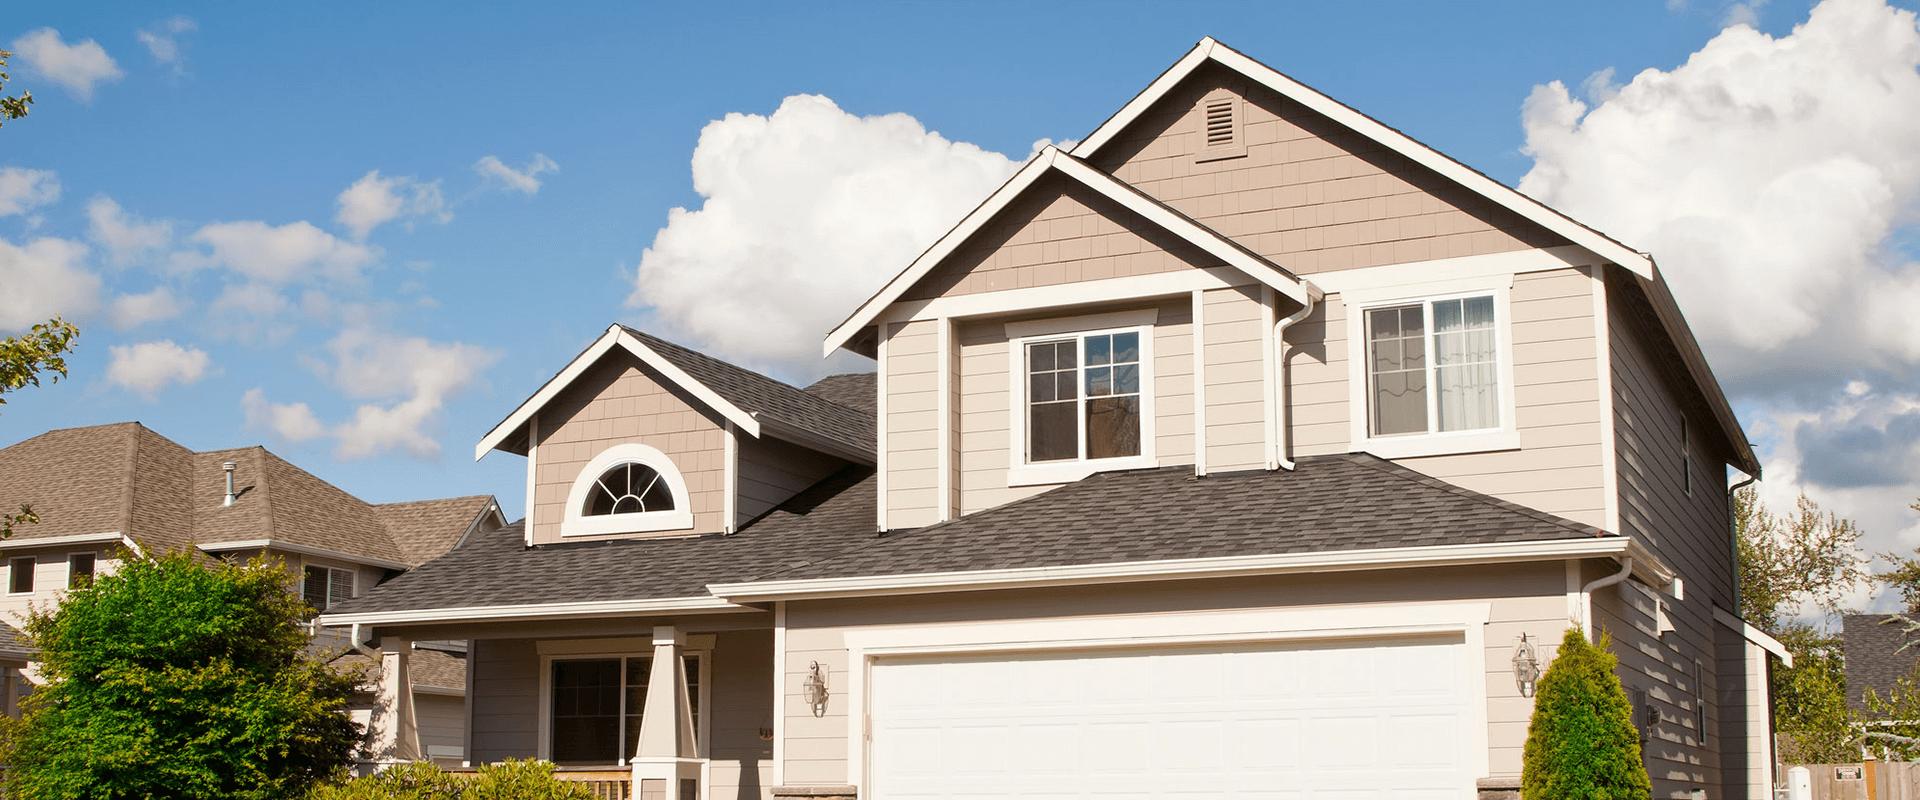 family-shield-home-inspection-slider